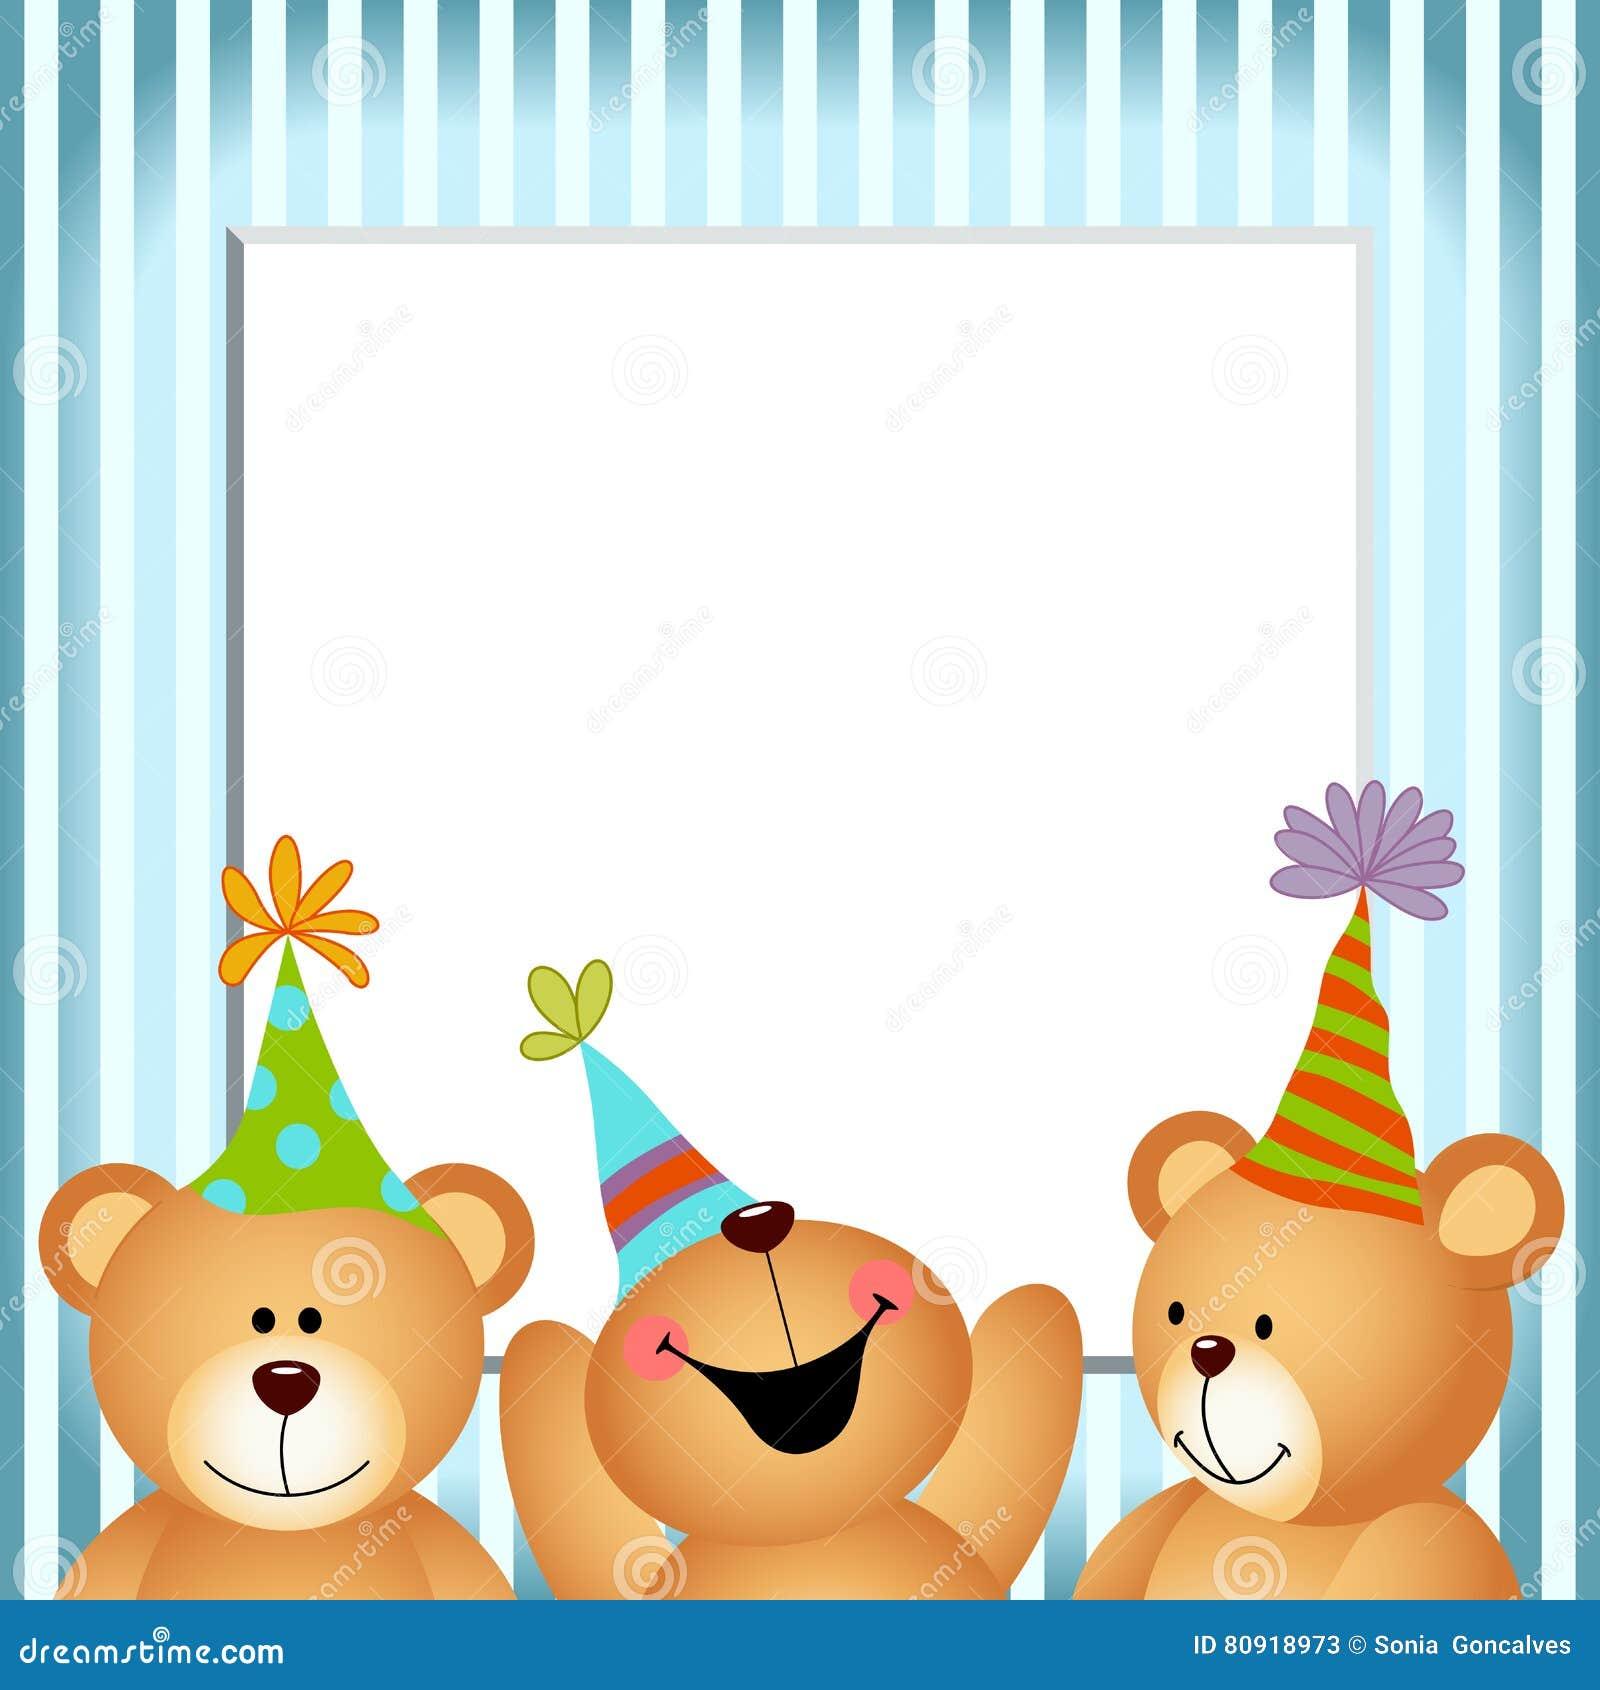 Blauer Rahmen-alles Gute Zum Geburtstag Teddy Bears Vektor Abbildung ...